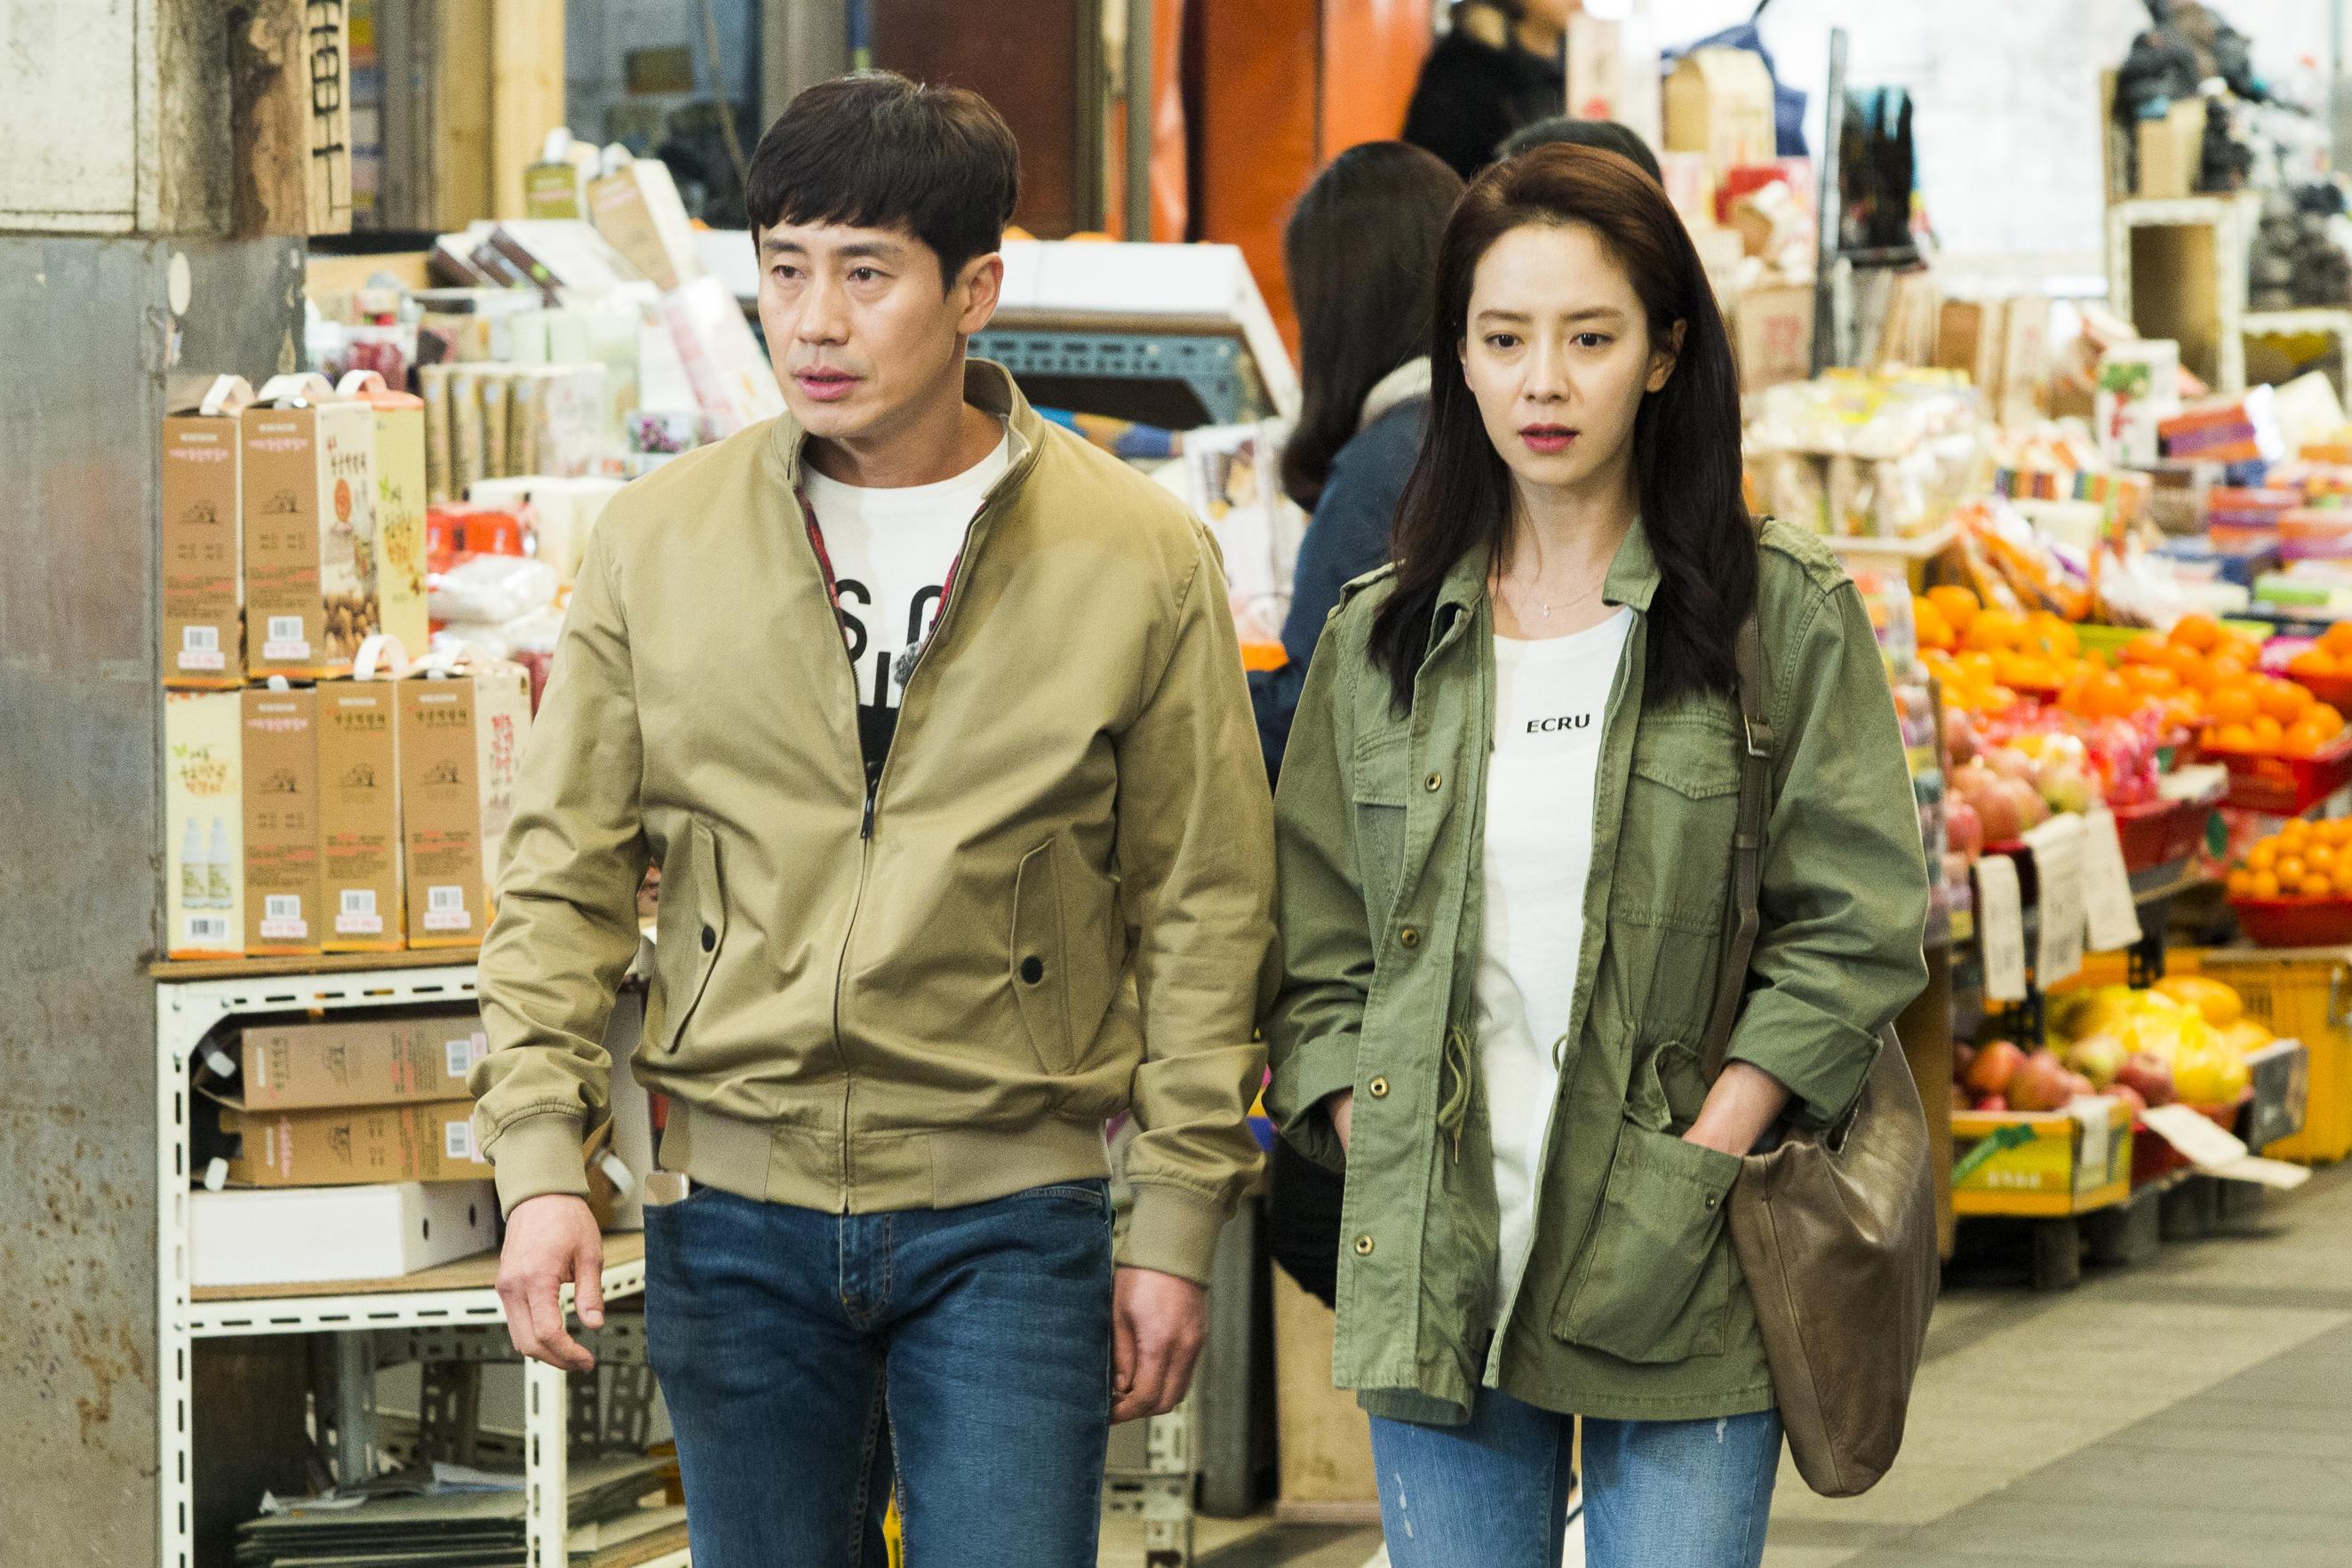 申河均和宋智孝飾演同牀異夢的夫妻